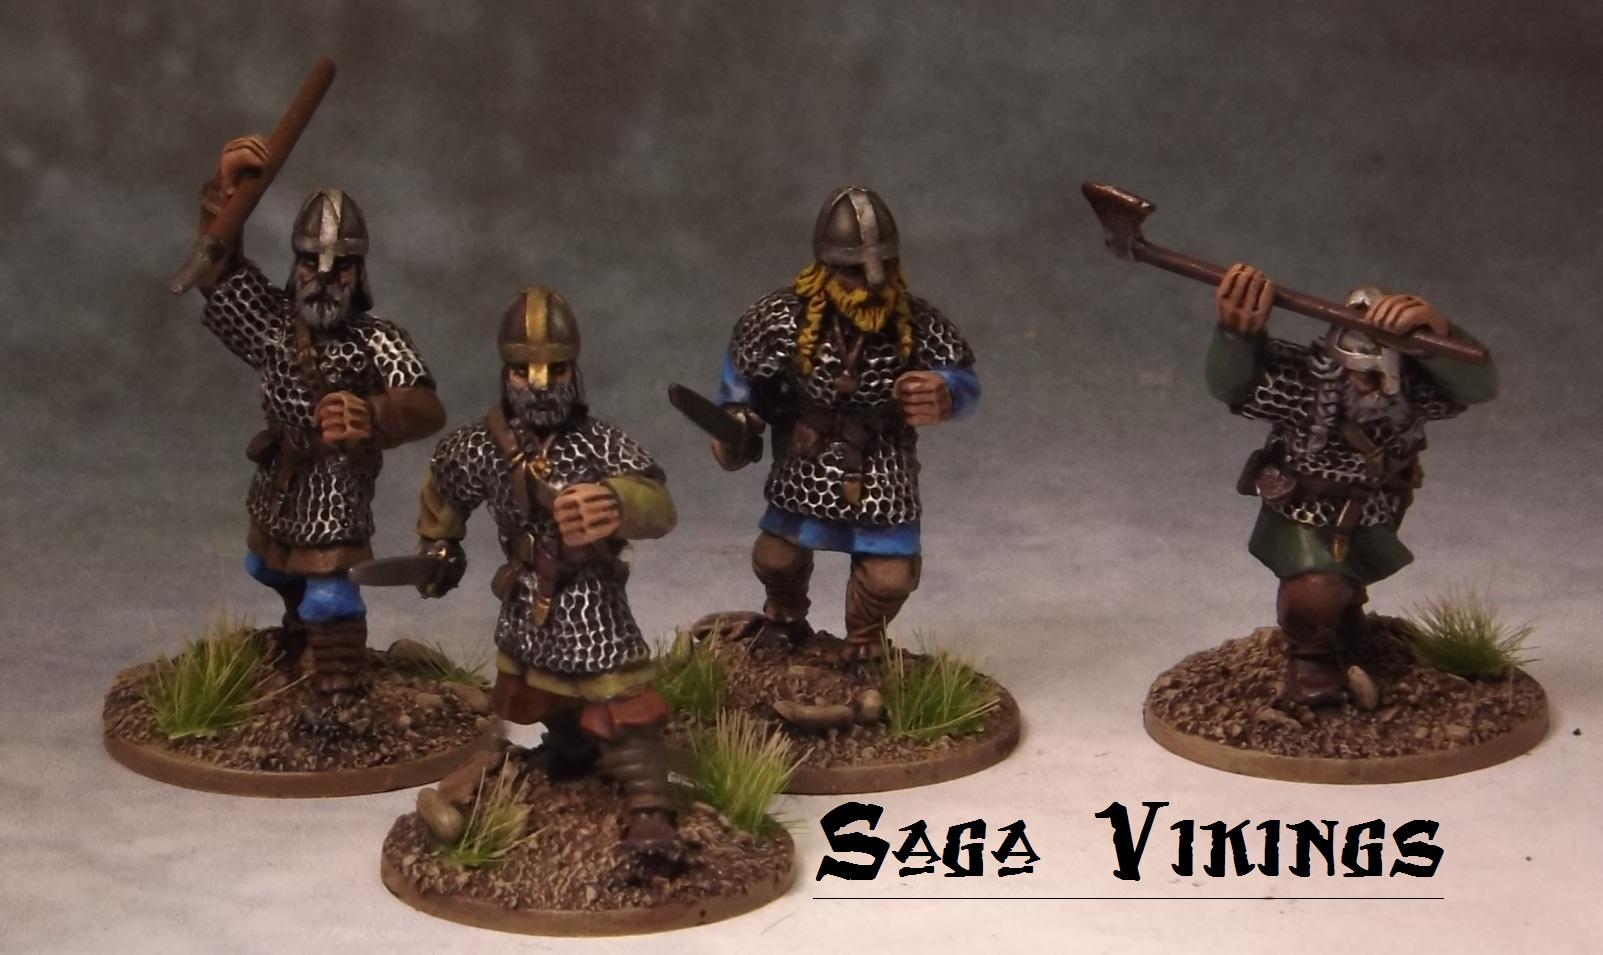 SAGA-Vikings.jpg